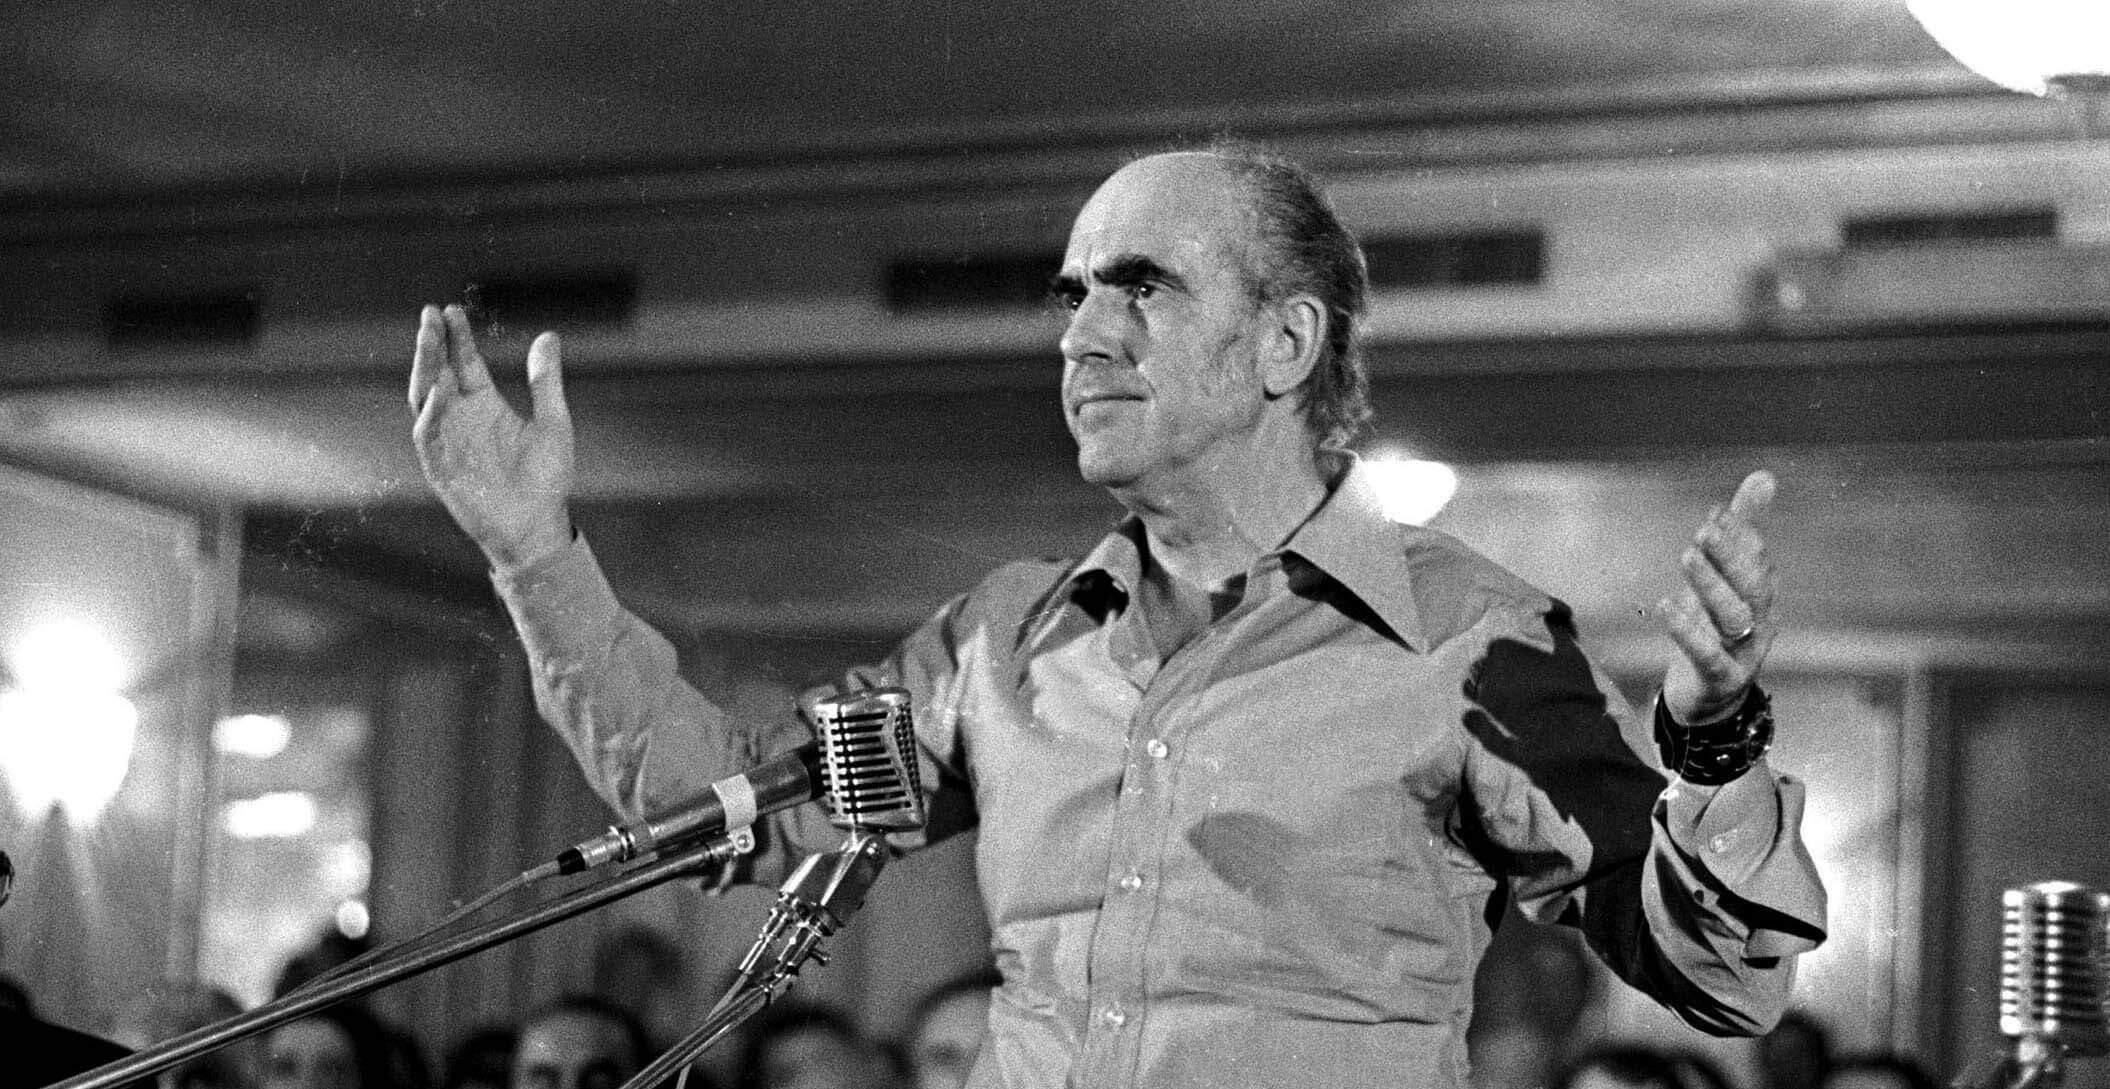 Νίκος Ανδρουλάκης: Οι Ευρωπαίοι Σοσιαλιστές και Δημοκράτες τιμούν τον Ανδρέα Παπανδρέου